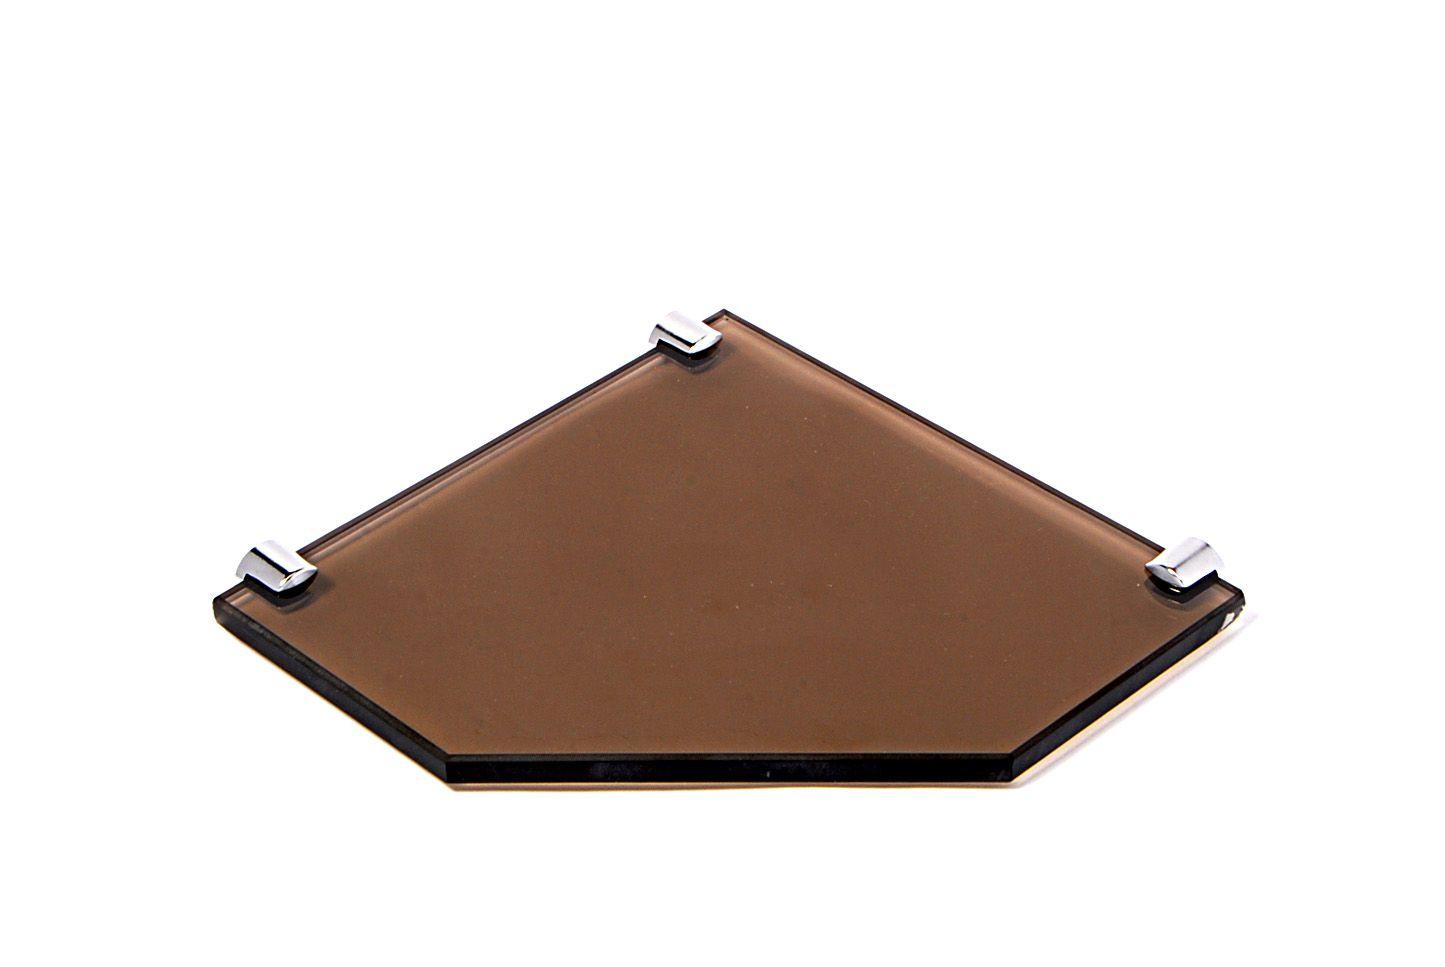 Porta Shampoo de Canto Reto em Vidro Bronze Lapidado - Aquabox  - 20cmx20cmx10mm